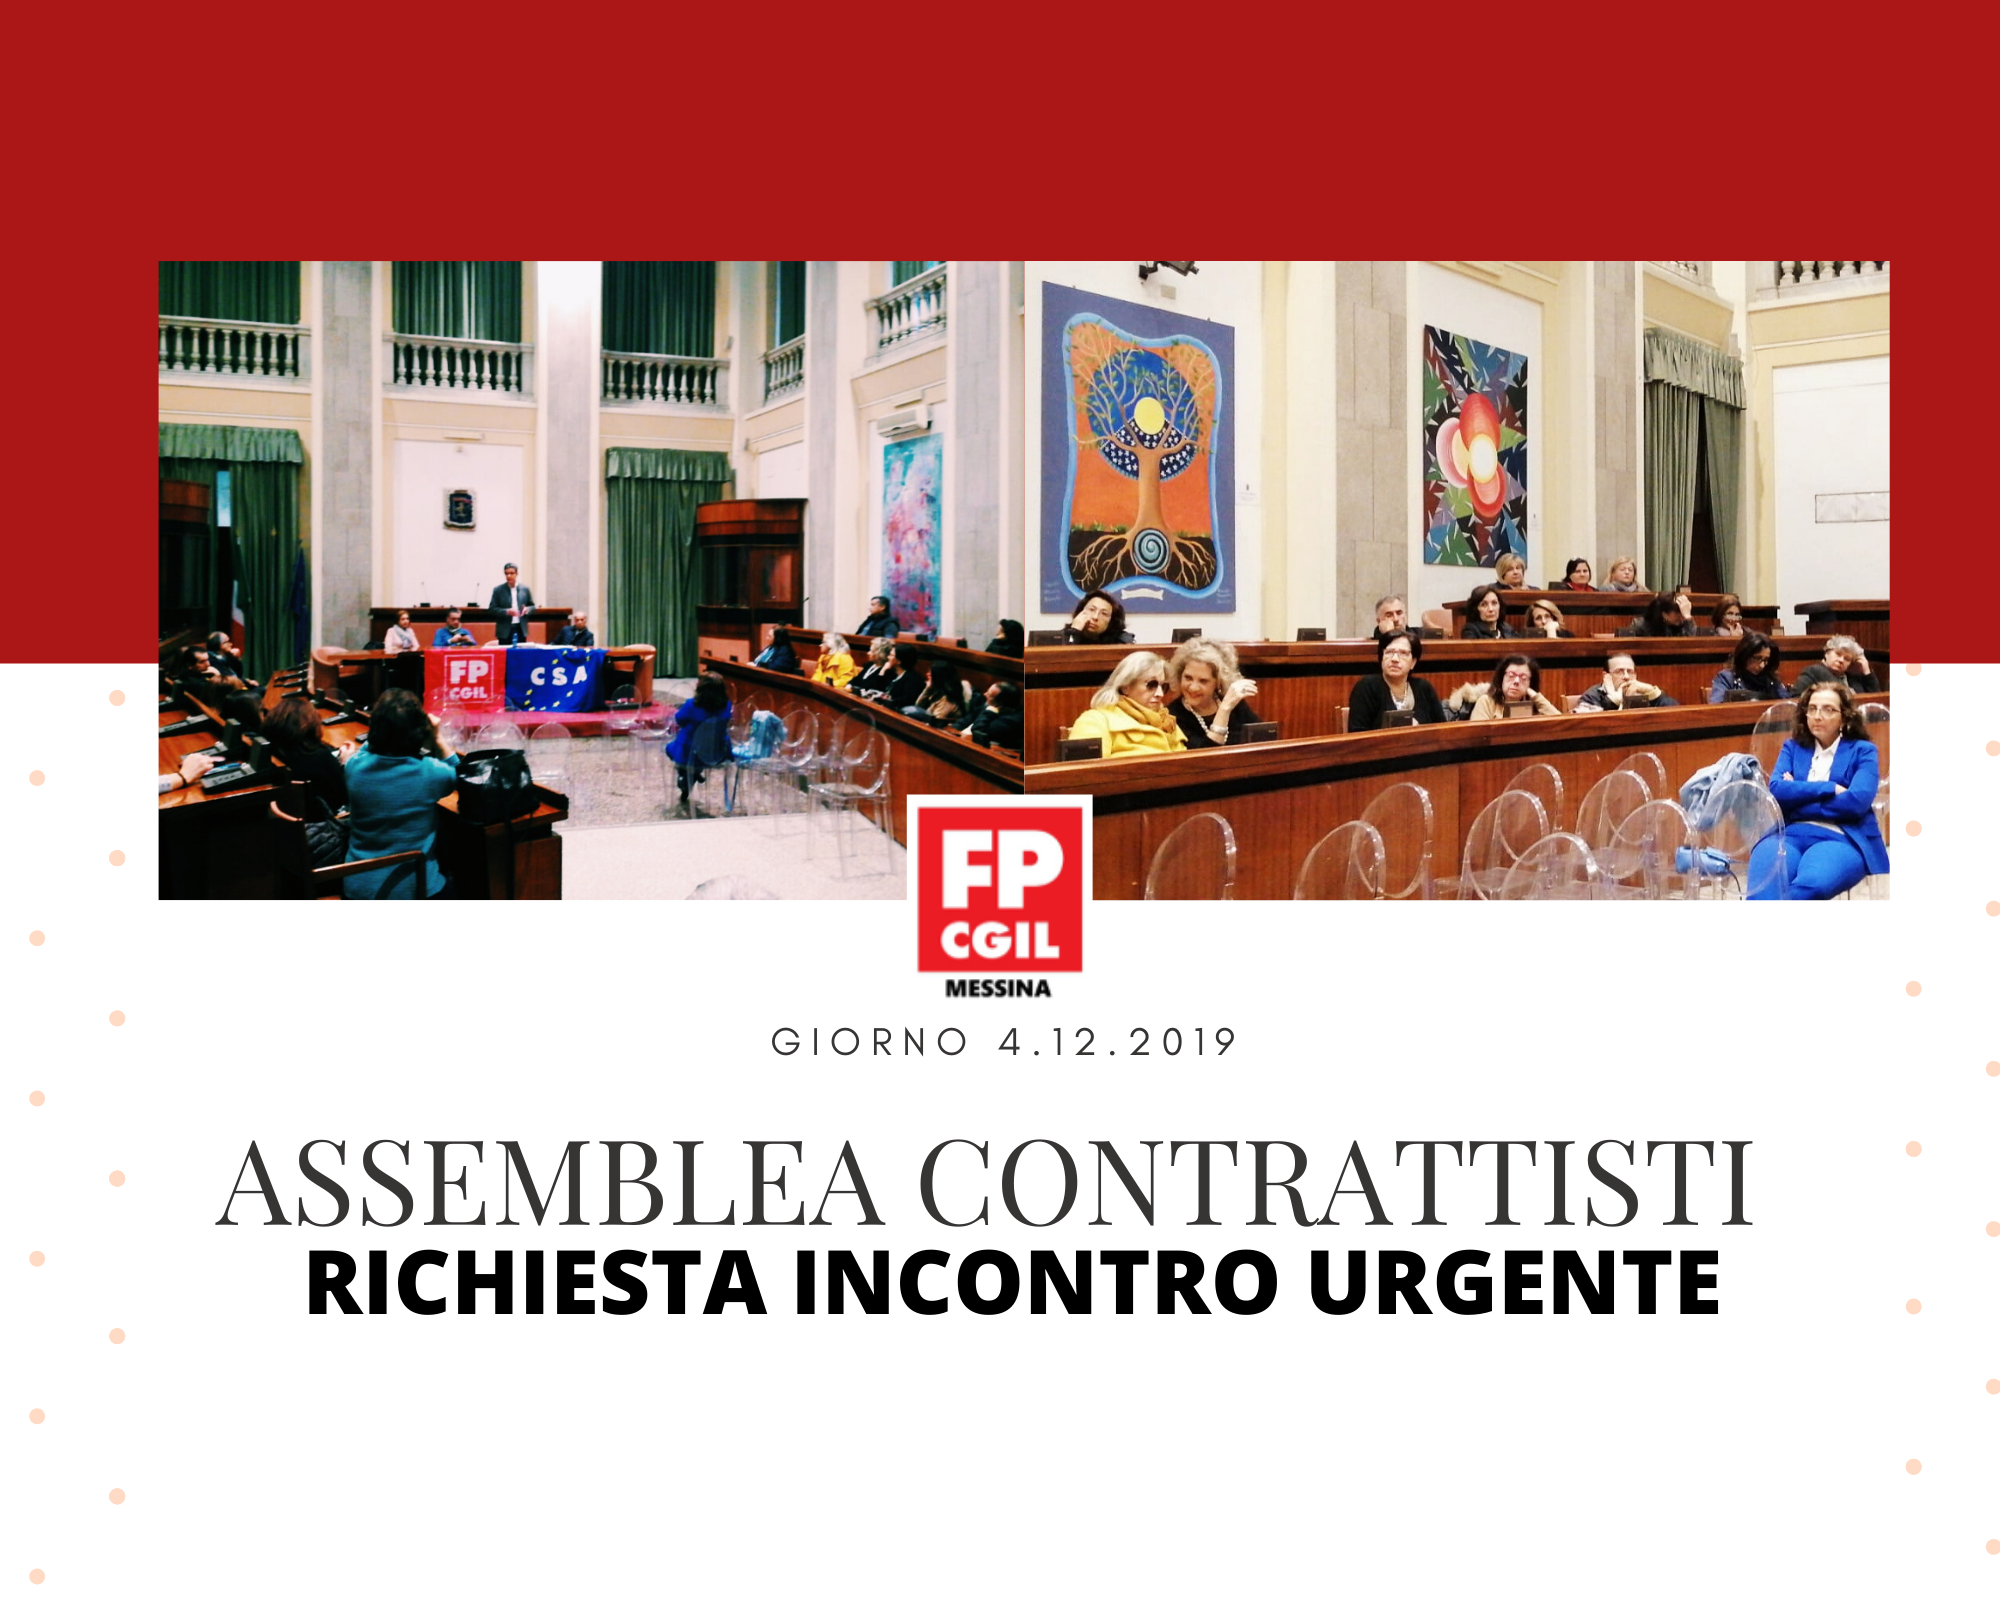 ASSEMBLEA CONTRATTISTI DEL GIORNO 4.12.2019